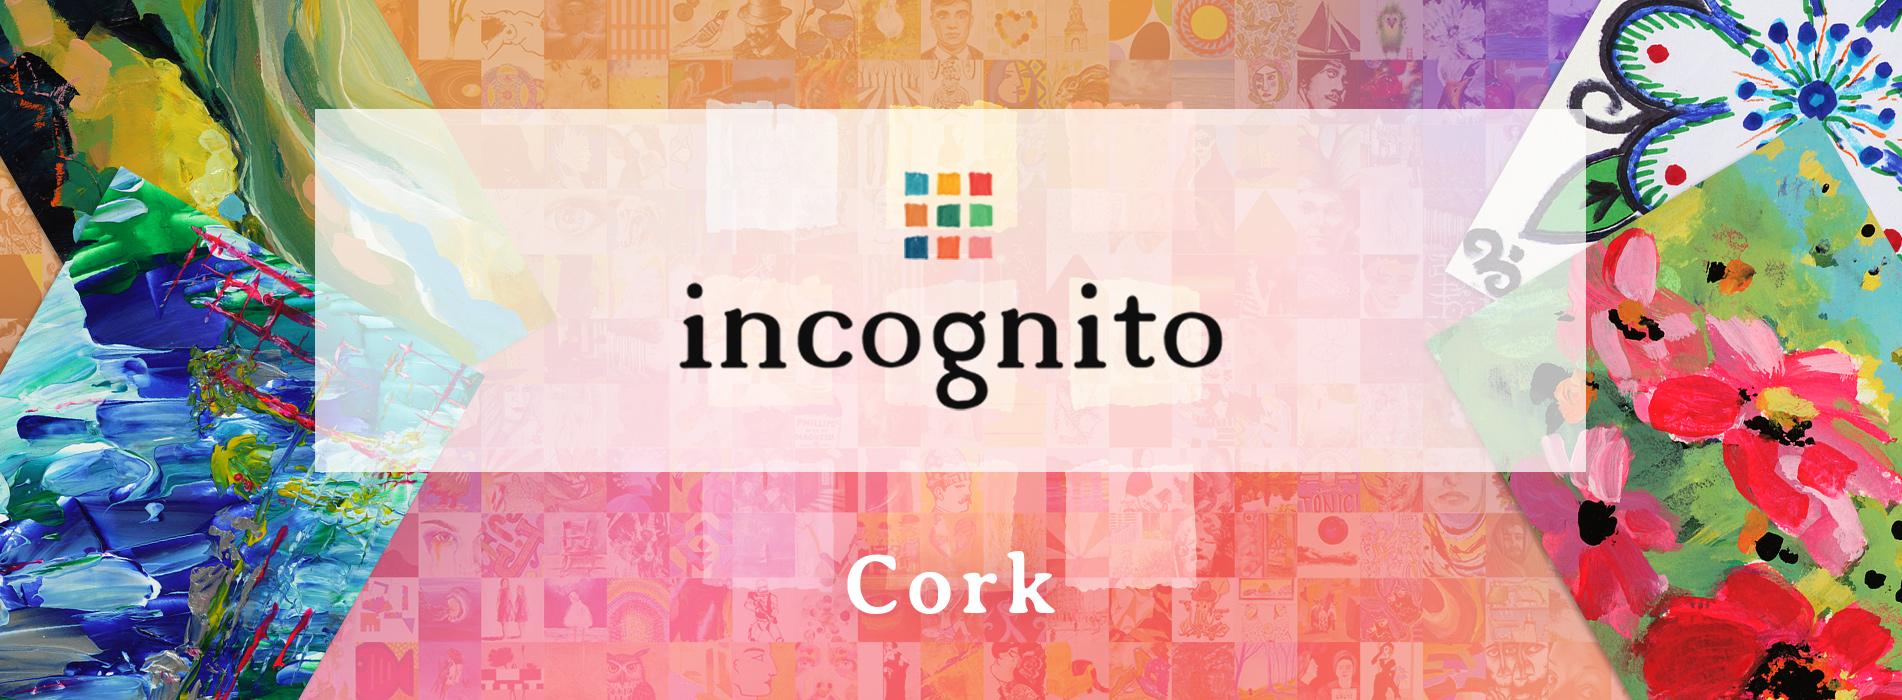 Incognito 2019 Cork banner